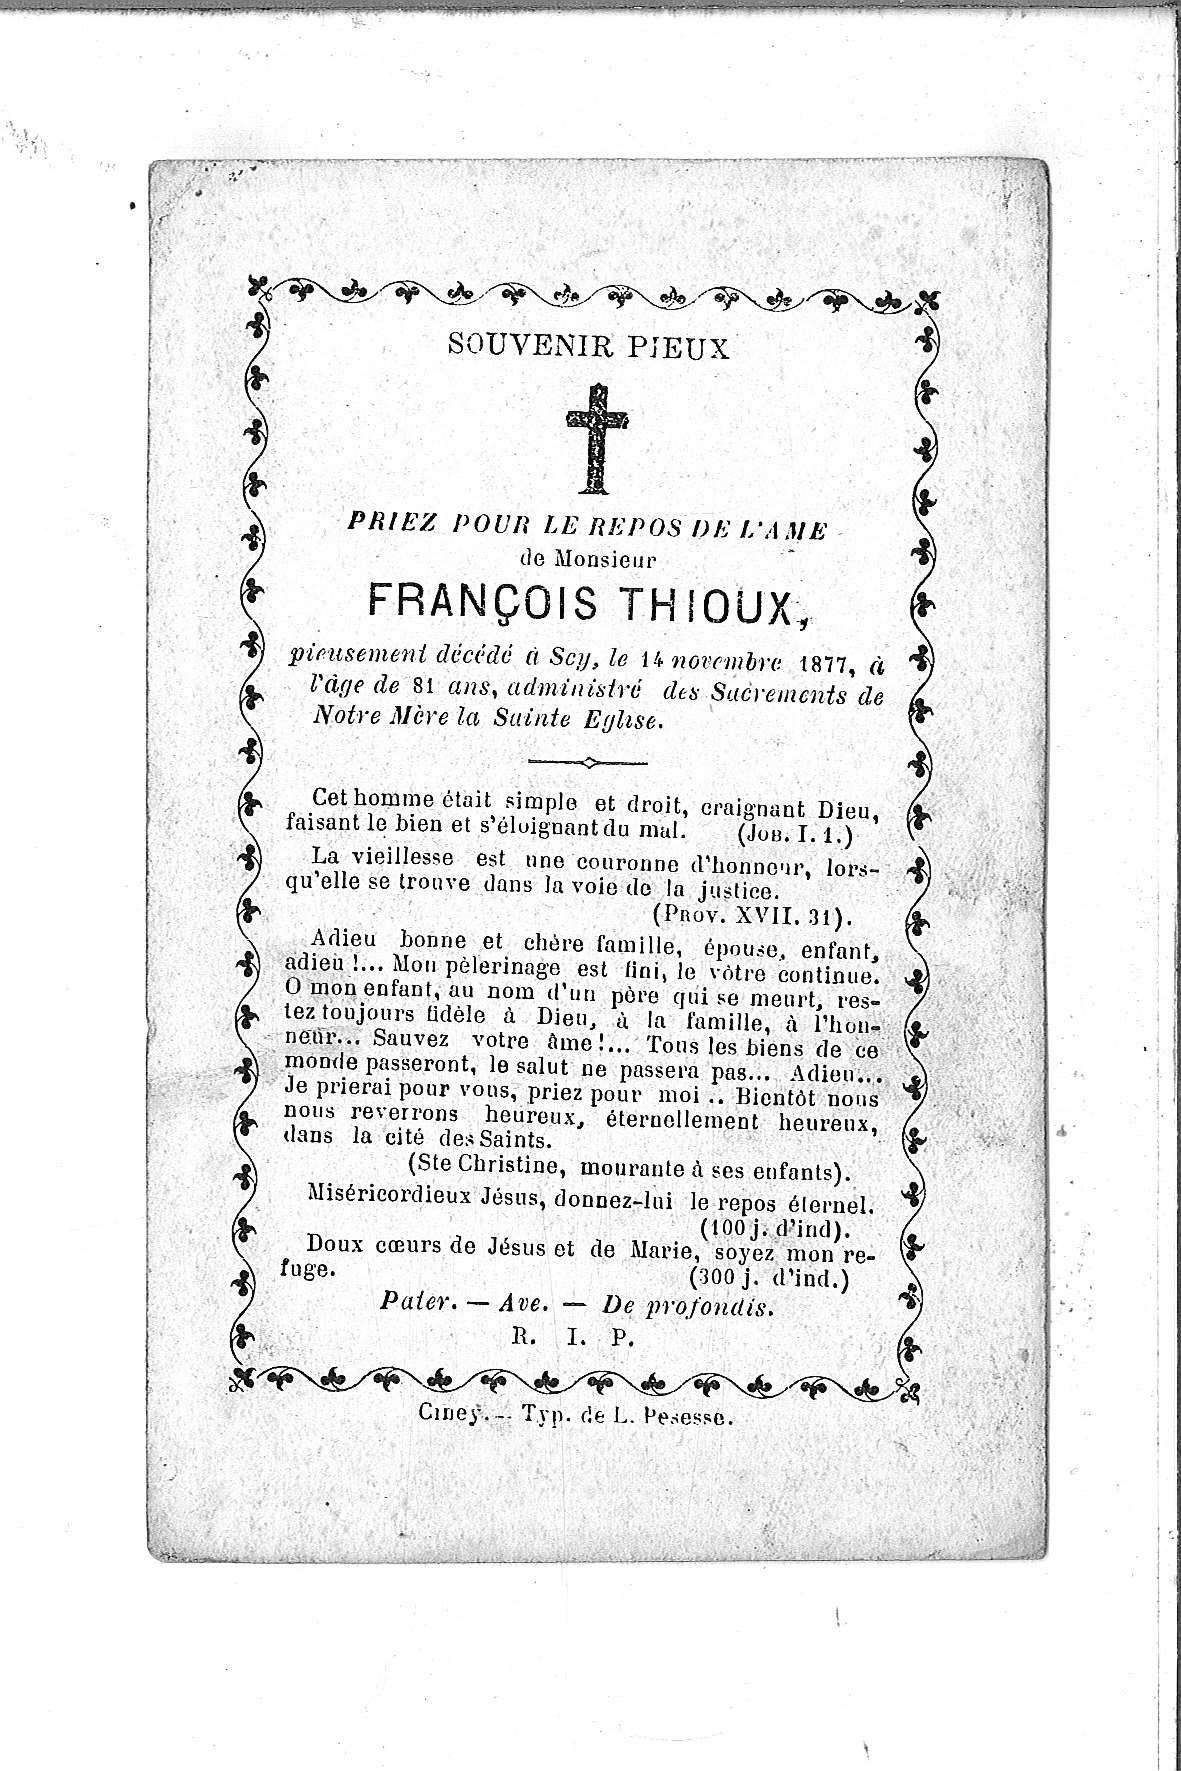 François(1877)20140825083222_00140.jpg